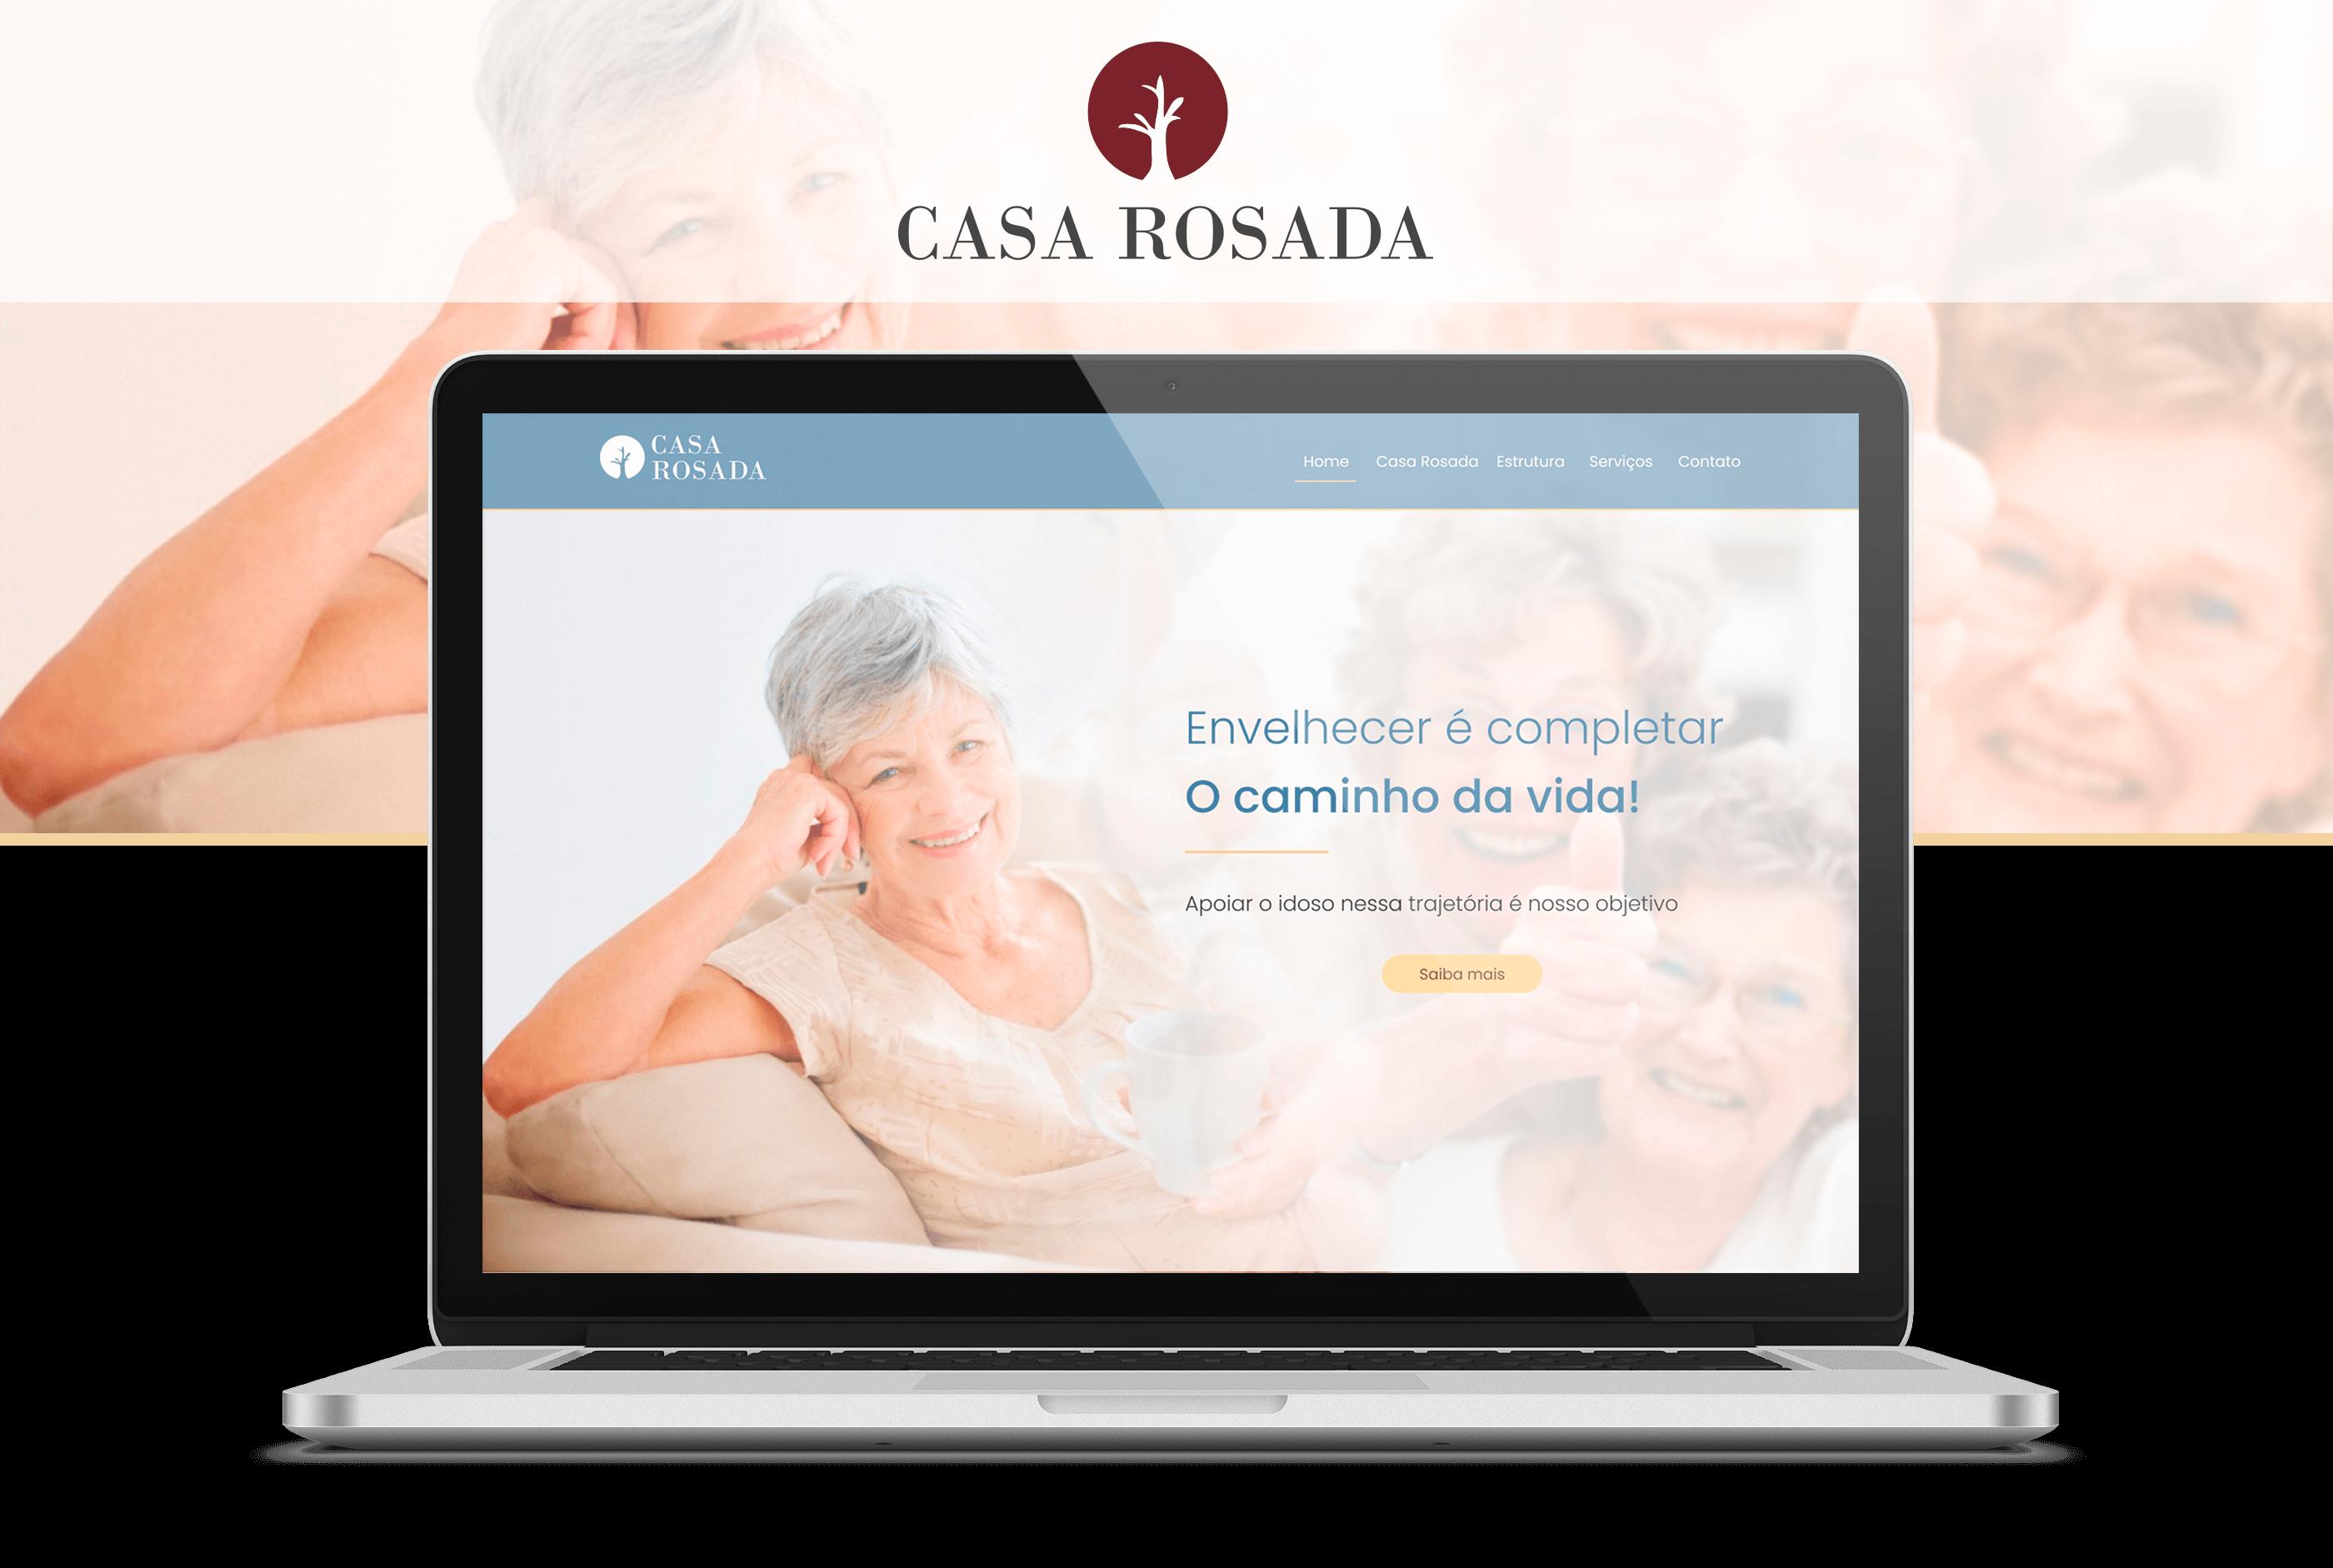 Projeto Casa Rosada - Goognet Solução Digital